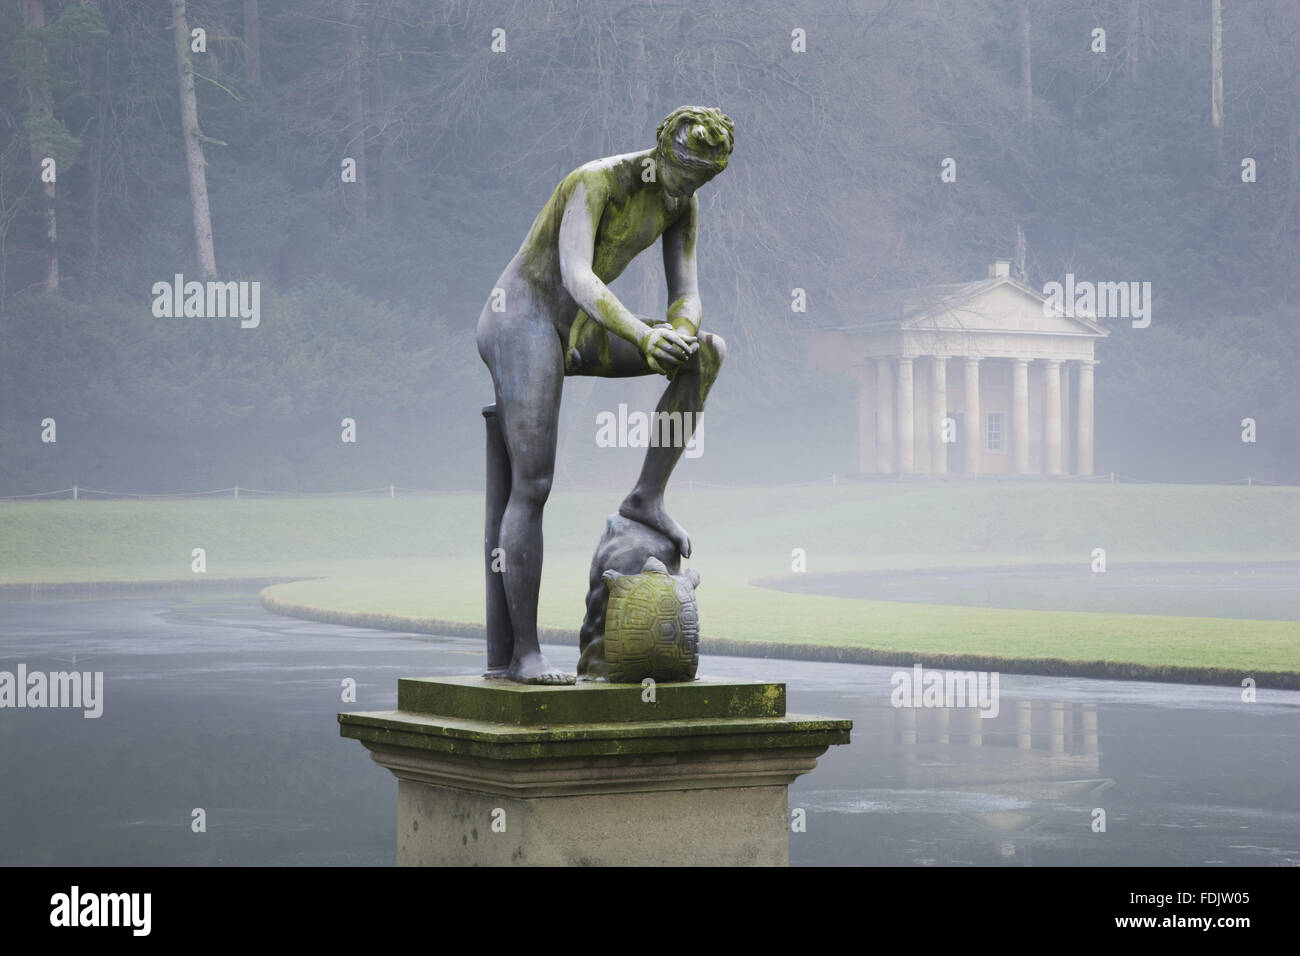 Une vue d'hiver brumeux, d'une statue devant le Temple de la Piété à Studley Royal Water Garden, Yorkshire du Nord. Les jardins ont été créés en 1716 par John Aislabie et poursuivie par son fils William, à la fin du dix-huitième siècle. La statue est de Cincinnat Banque D'Images